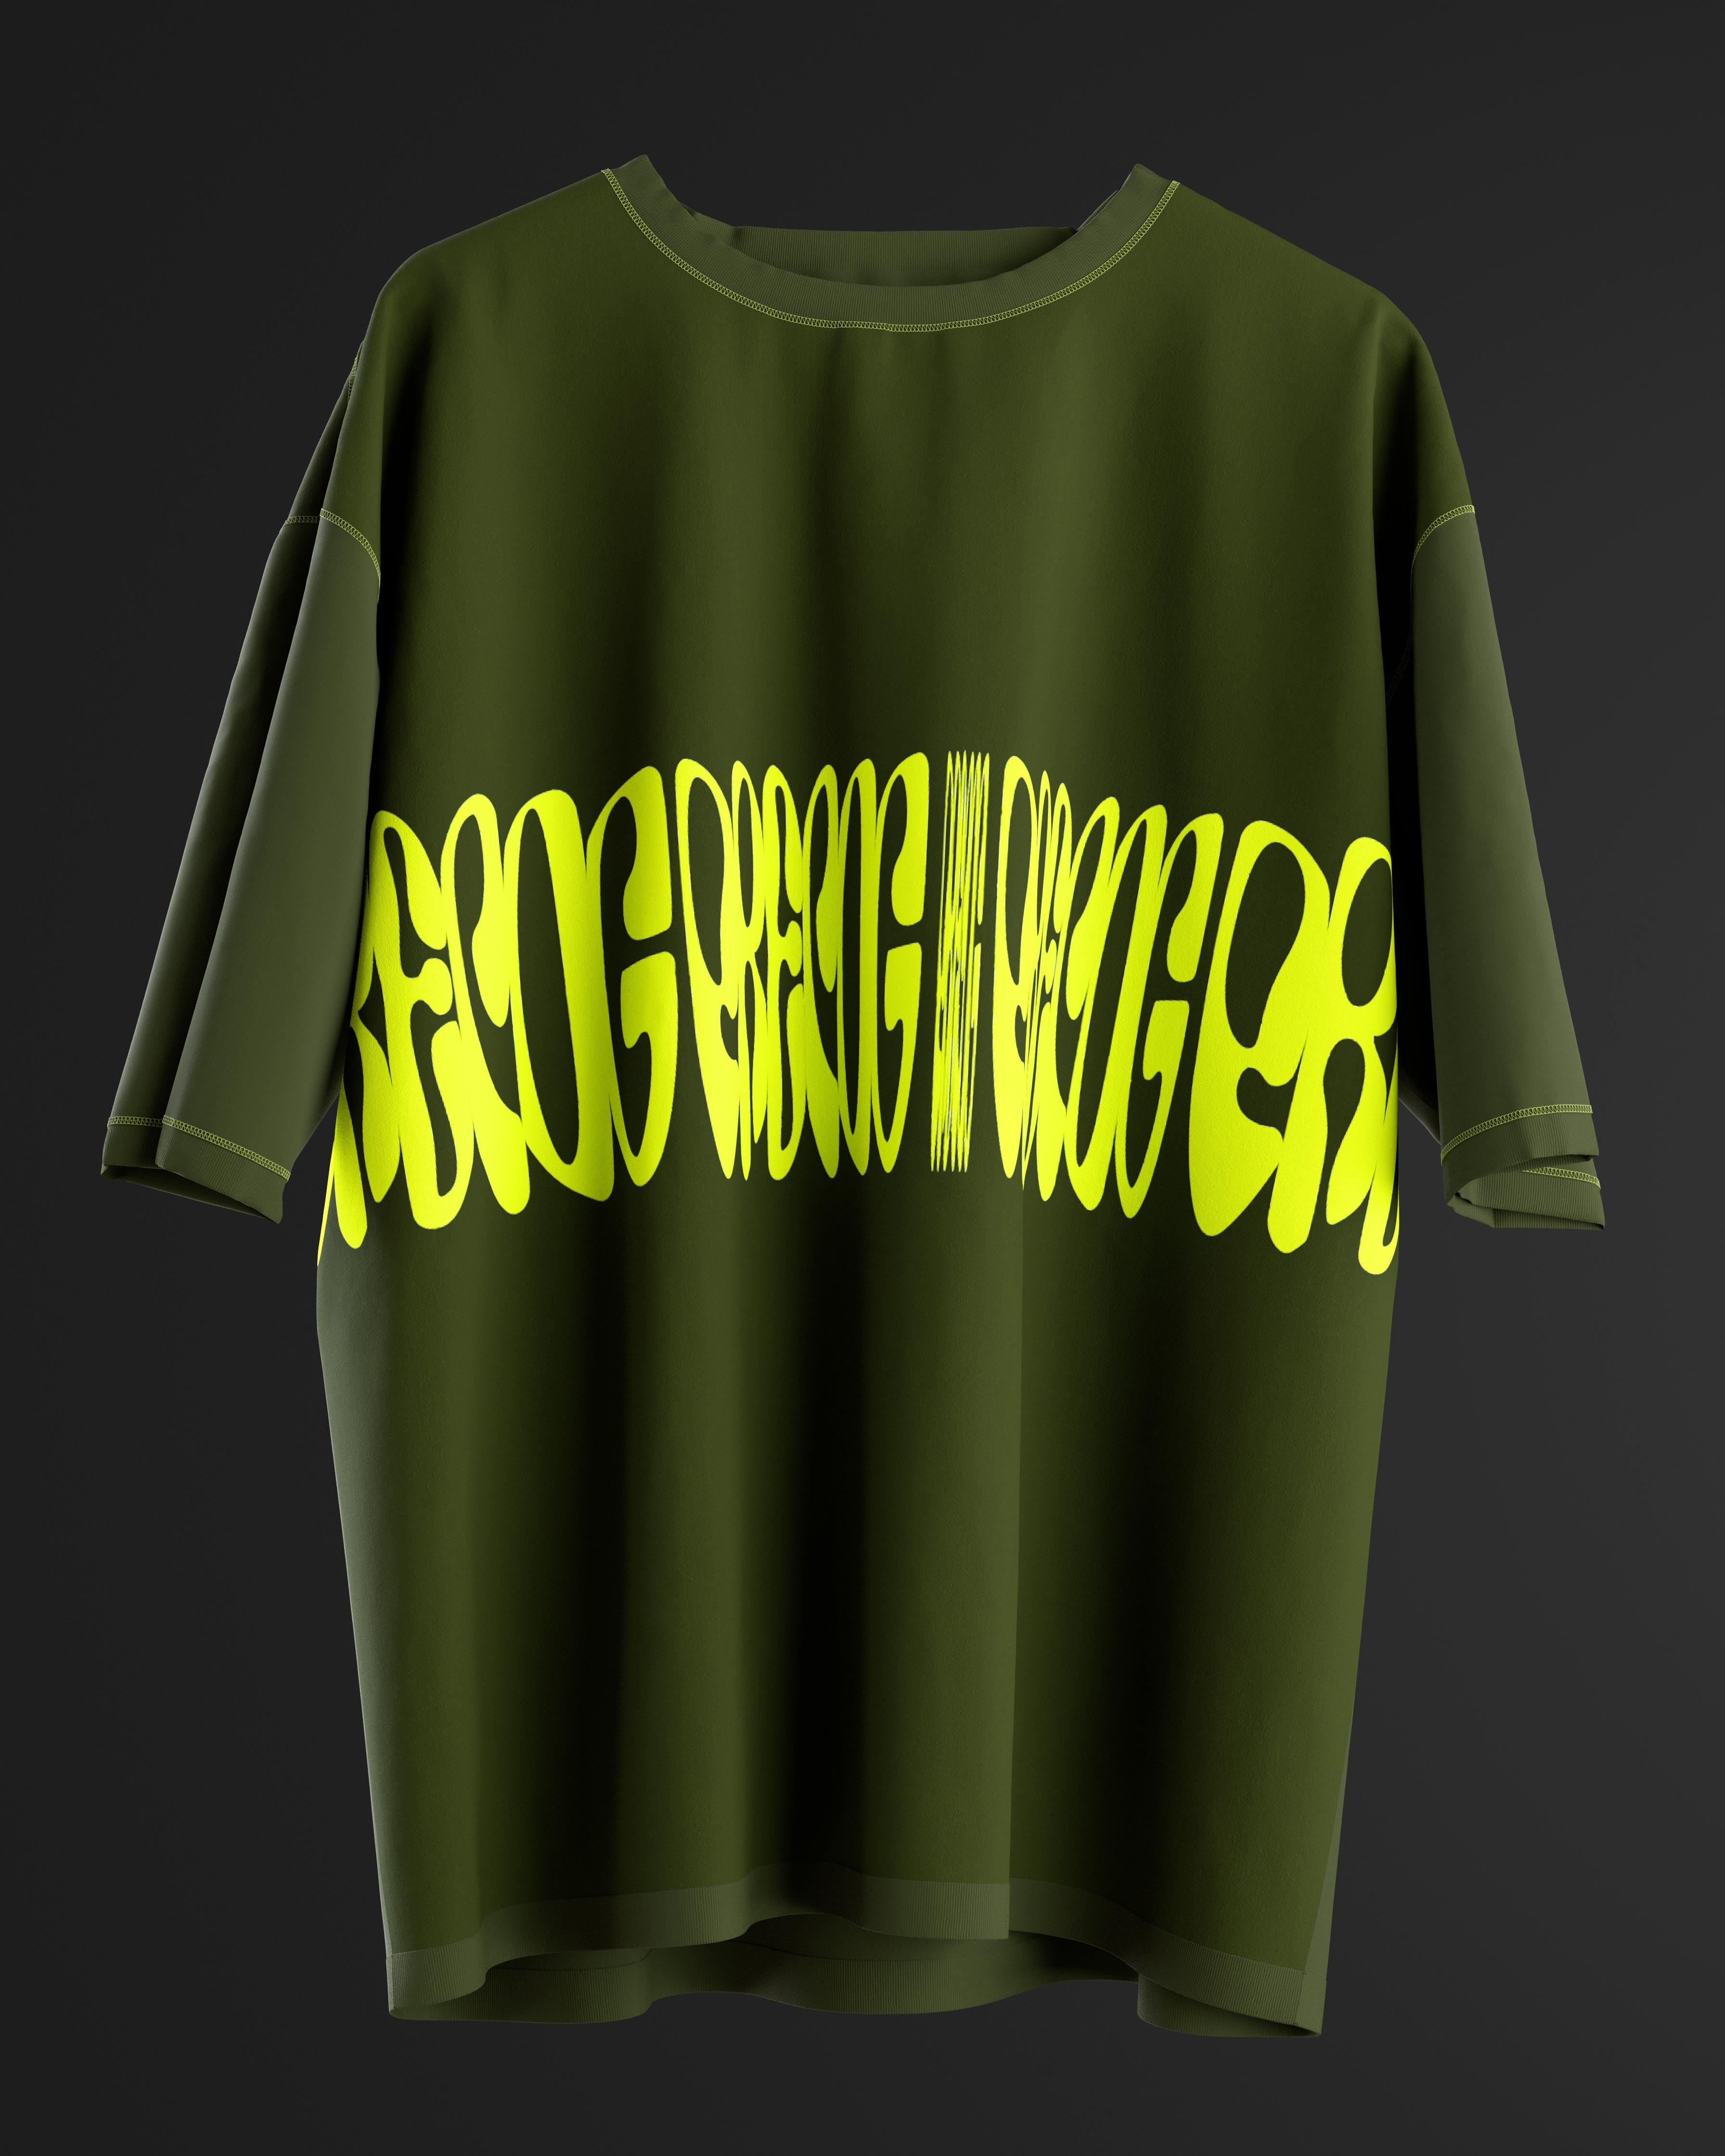 Precog Brand - Shirt